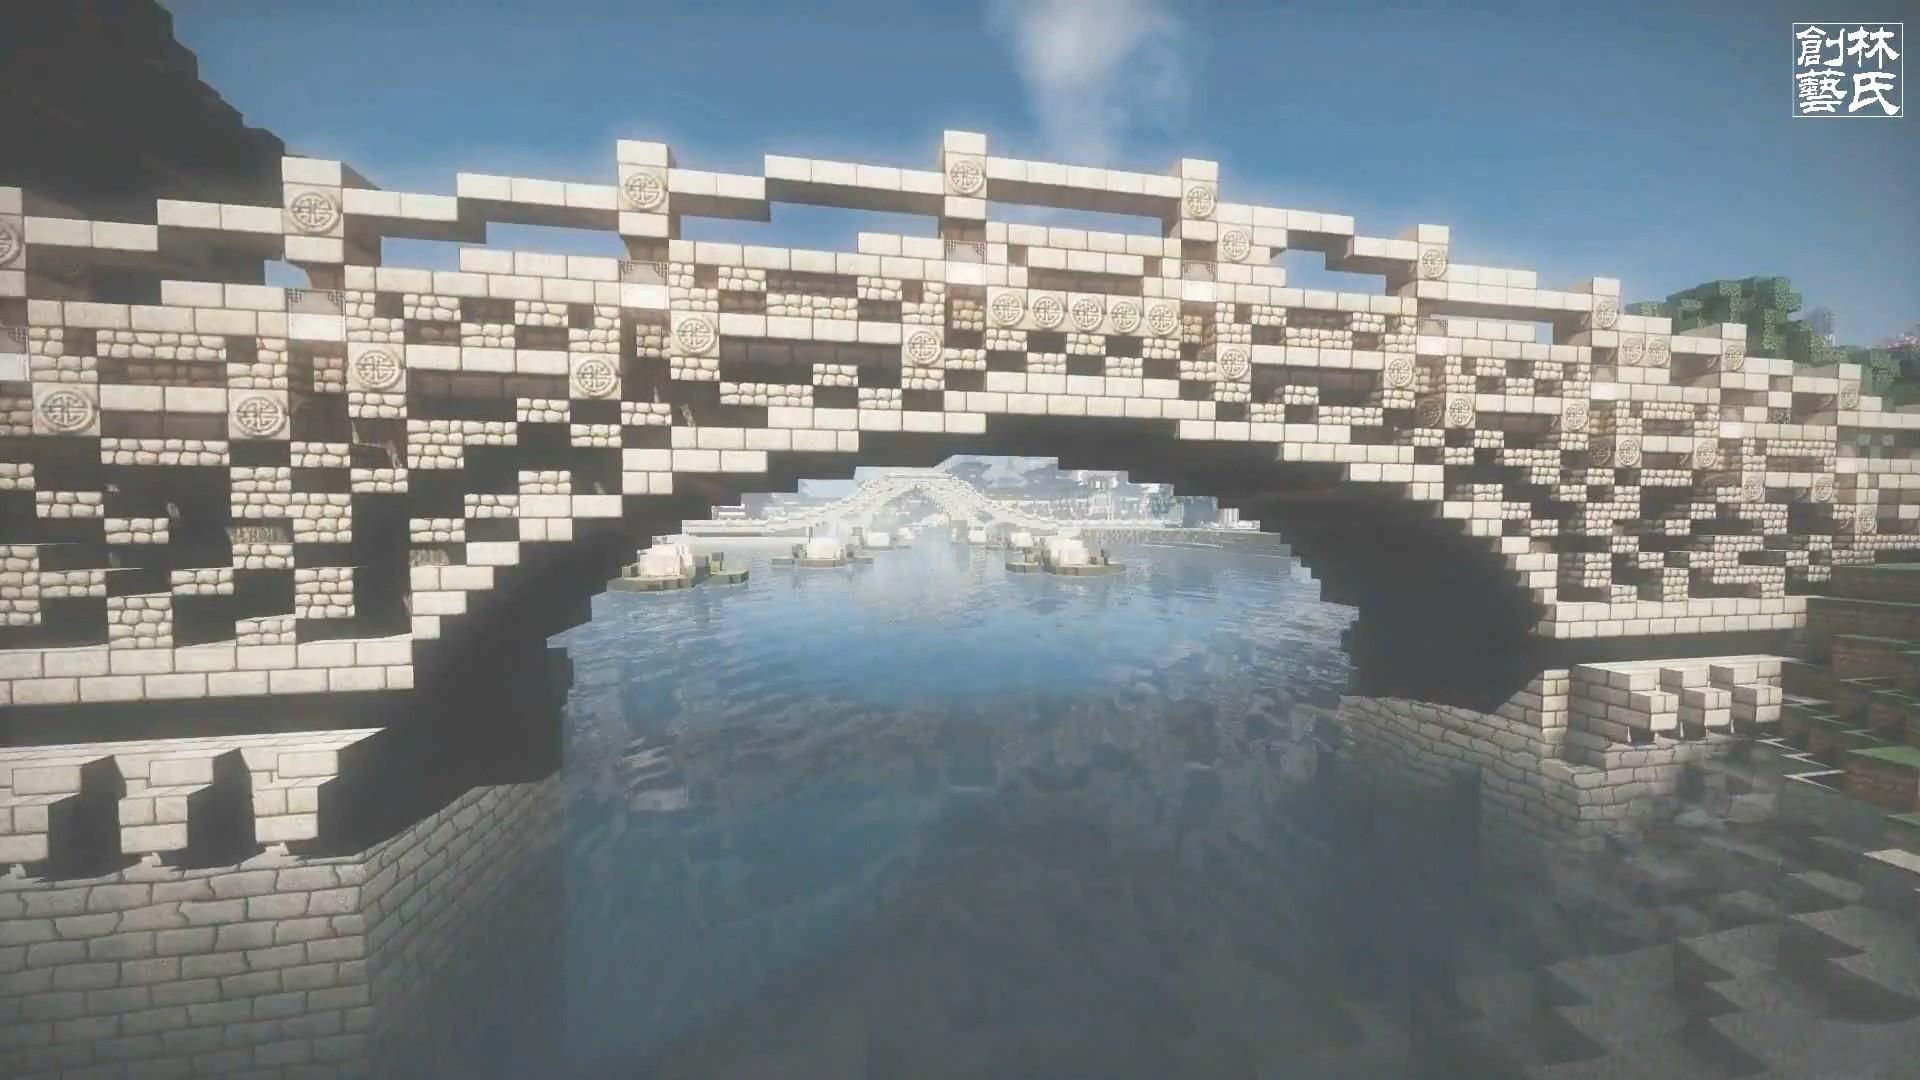 国人用《我的世界》打造三亚酒店风景